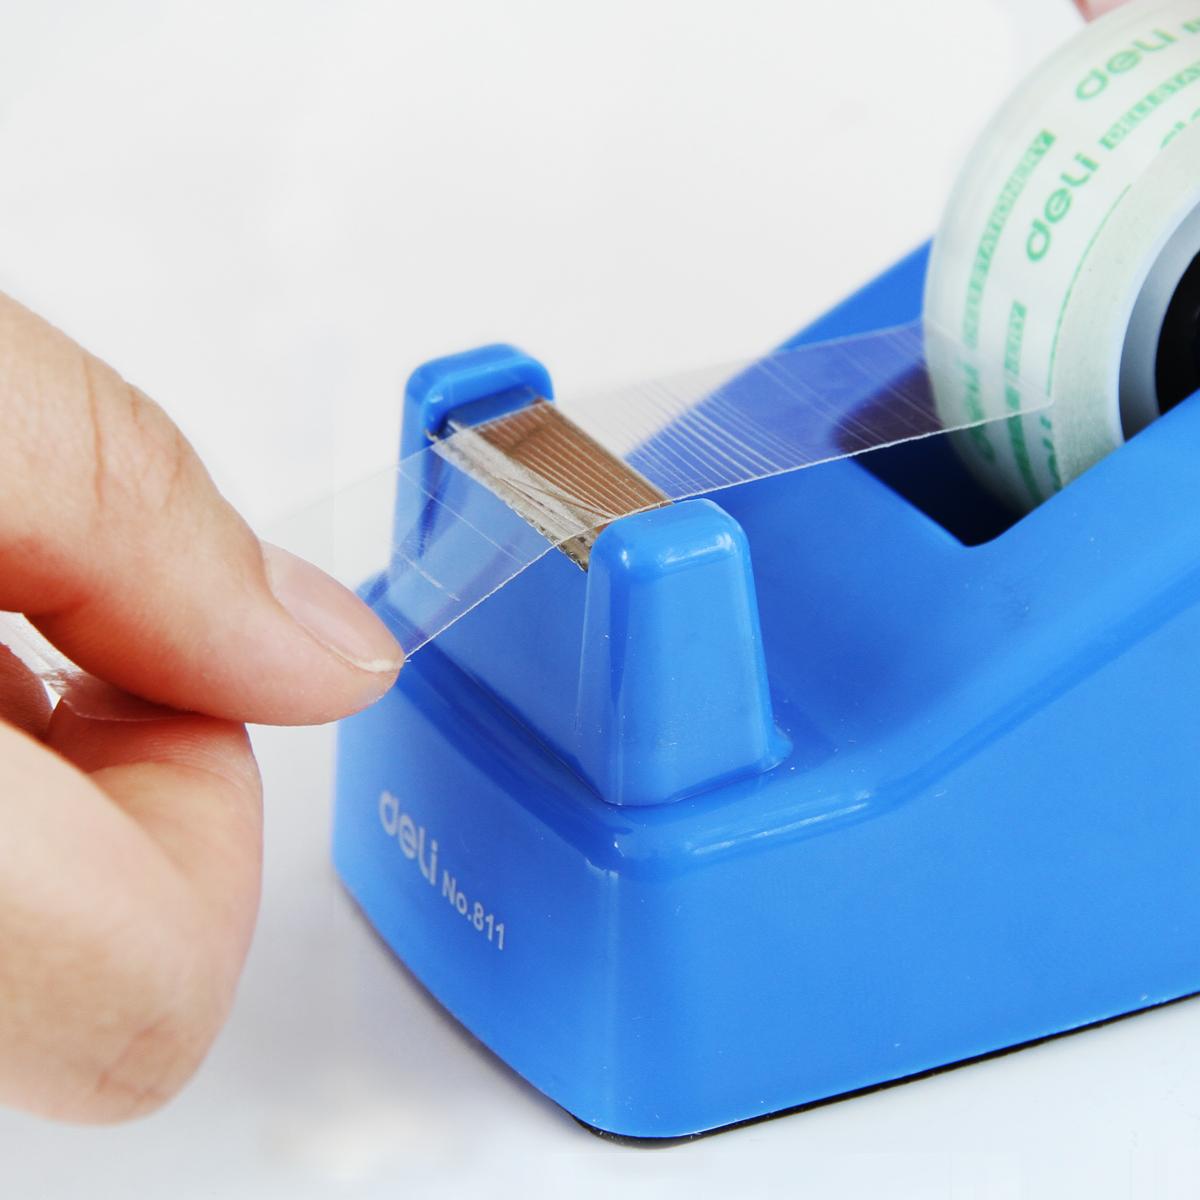 得力办公文具胶纸座手工玻璃胶纸粘胶透明小胶带切割座小胶带切断,可领取2元天猫优惠券